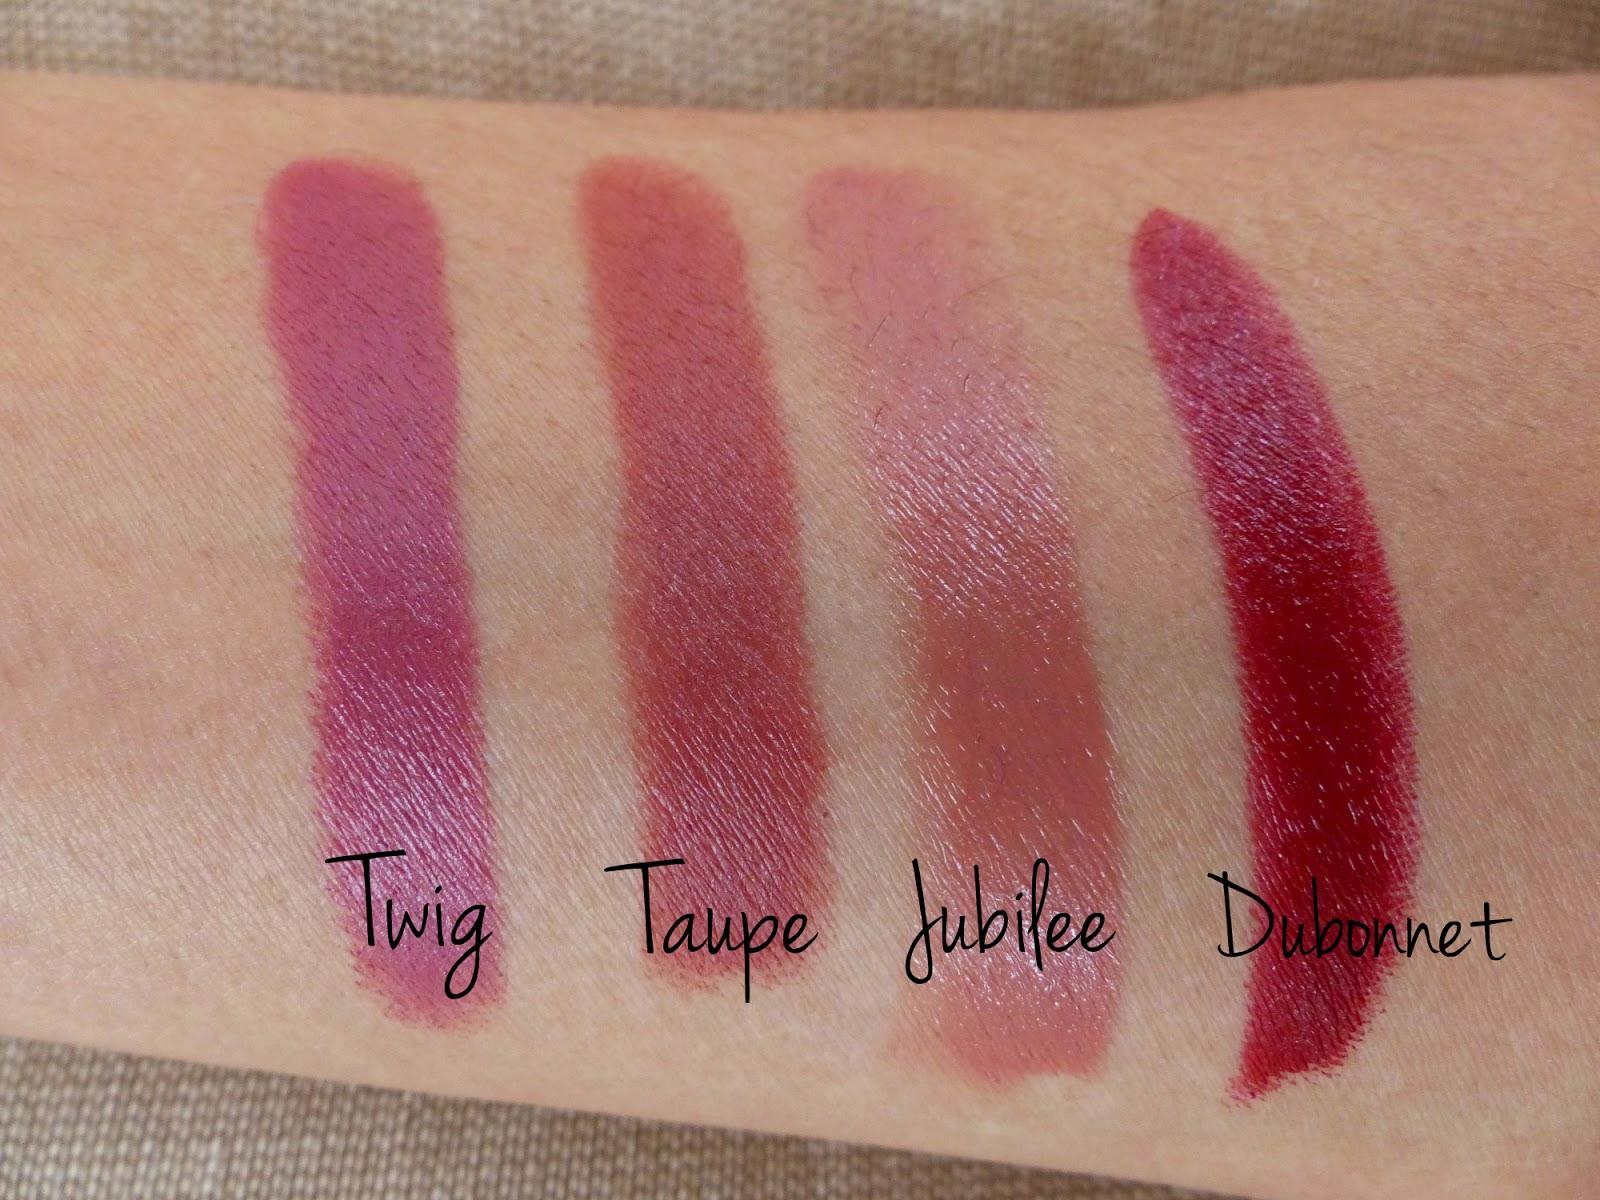 abbastanza 4 Seriously Underrated MAC Lipsticks (+ Swatches)   Jasmine Talks  WM23